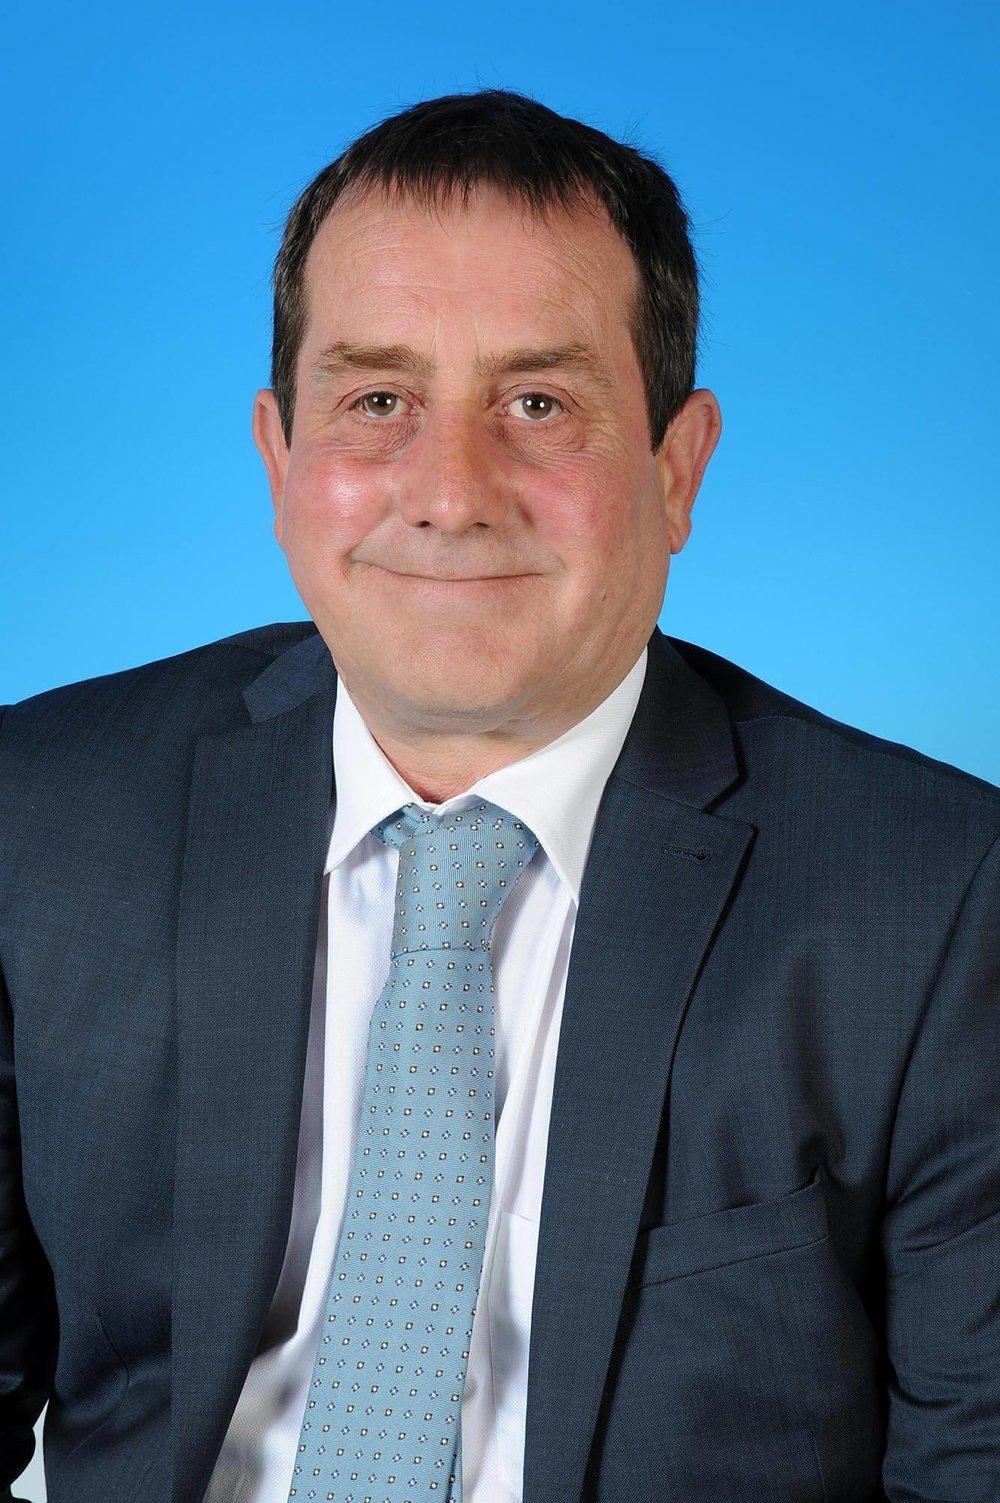 Councillor Richard Bishop